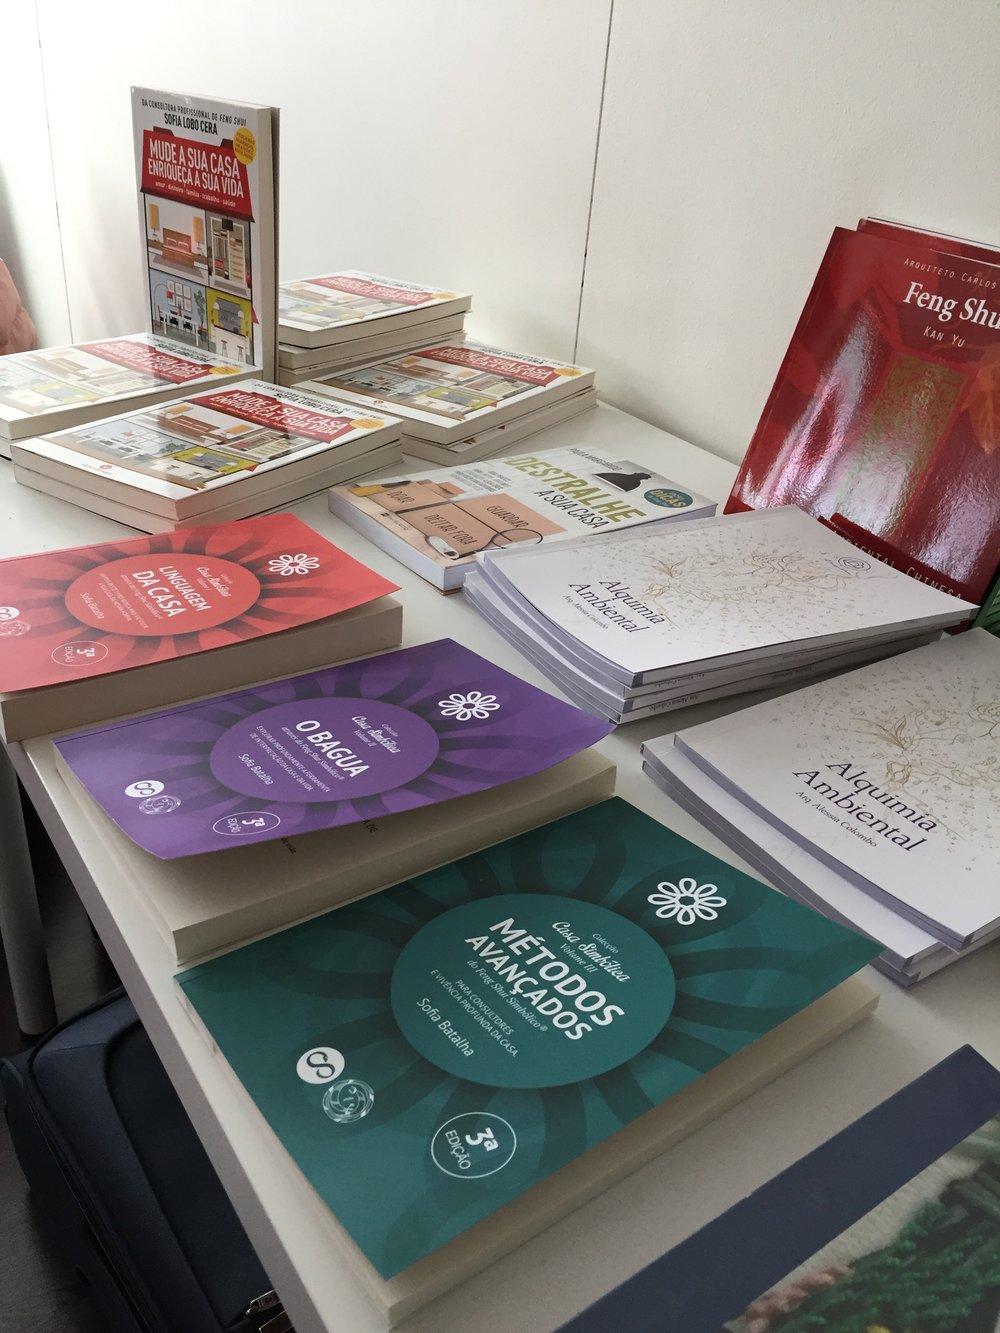 Praticamente uma feira literária, com muitos autores sobre o tema.